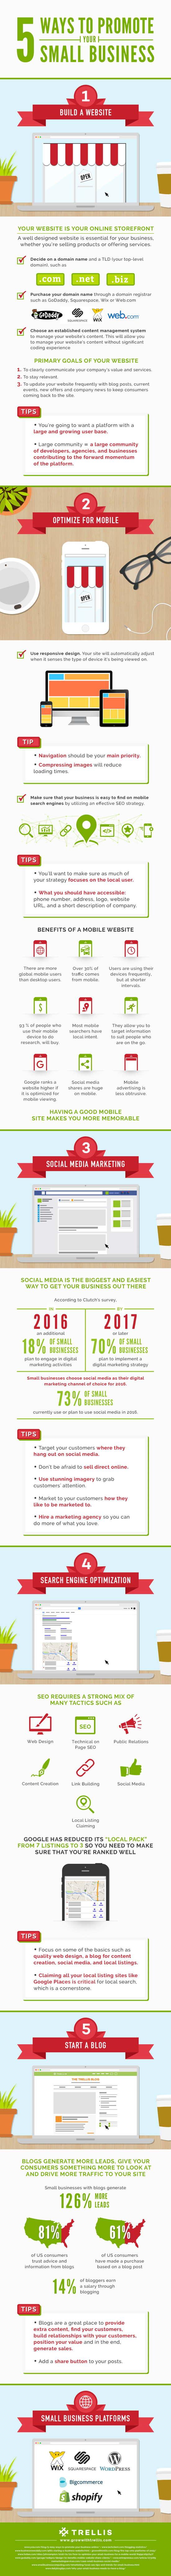 Estrategias para promocionar tu negocio en Internet infografia